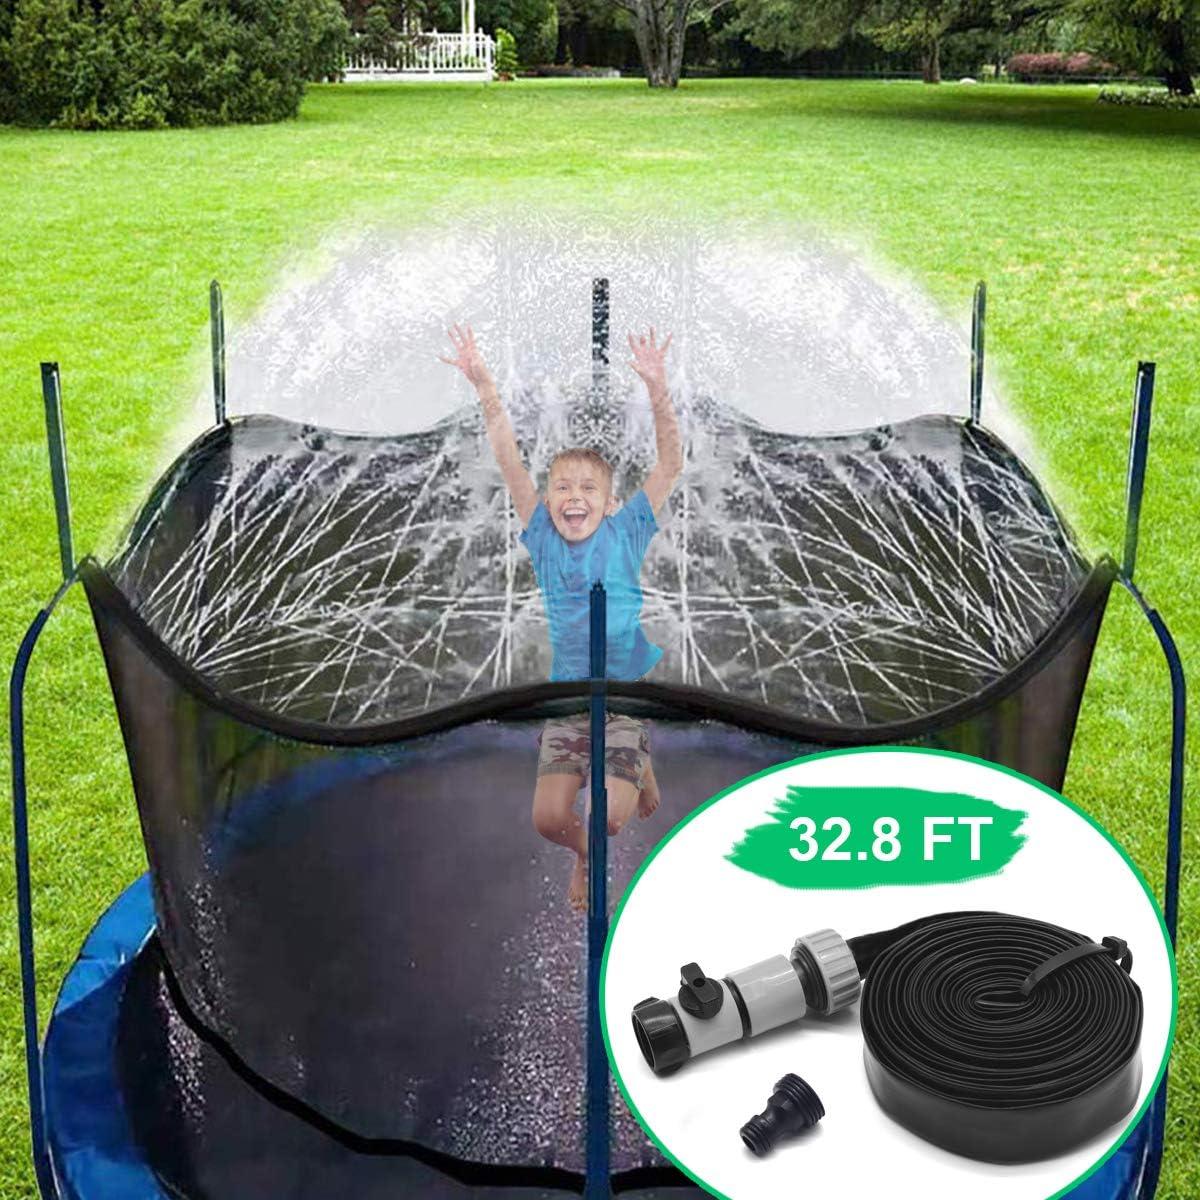 CT Aspersor Trampolín Set,Cama elástica de Jardín Water Play Sprinklers Pipe, Hechos para Sujetar en la Caja de Red de Seguridad del trampolín (10 m)